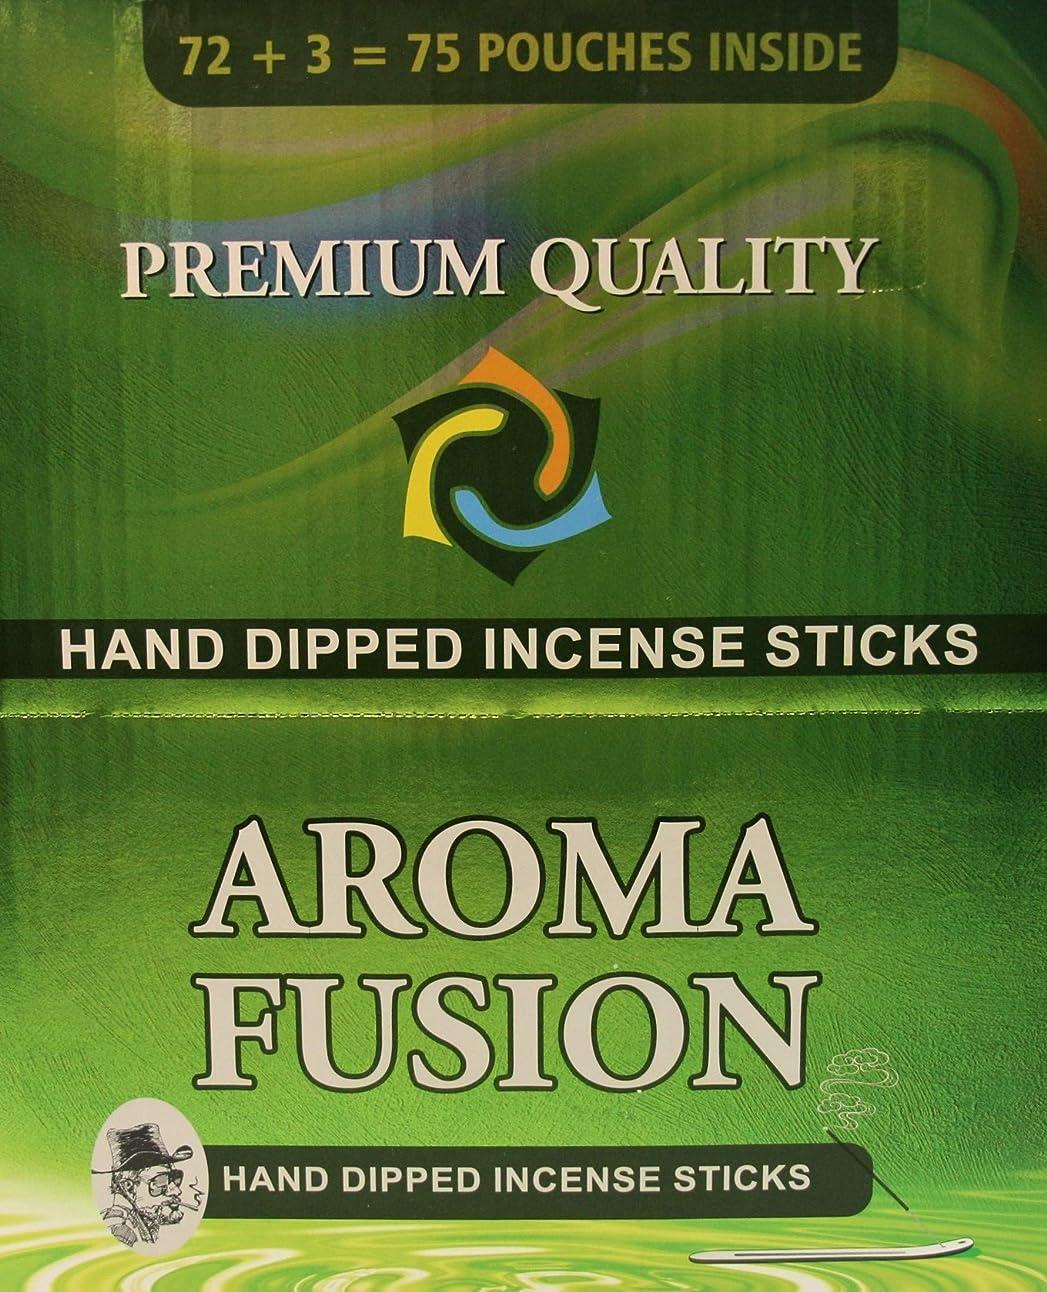 ライオネルグリーンストリートプロジェクター思慮深いアロマフュージョンプレミアム品質手染めお香スティック | 75種類ポーチ | 合計1,125本 | 20種類の香り | お香ディスプレイケース